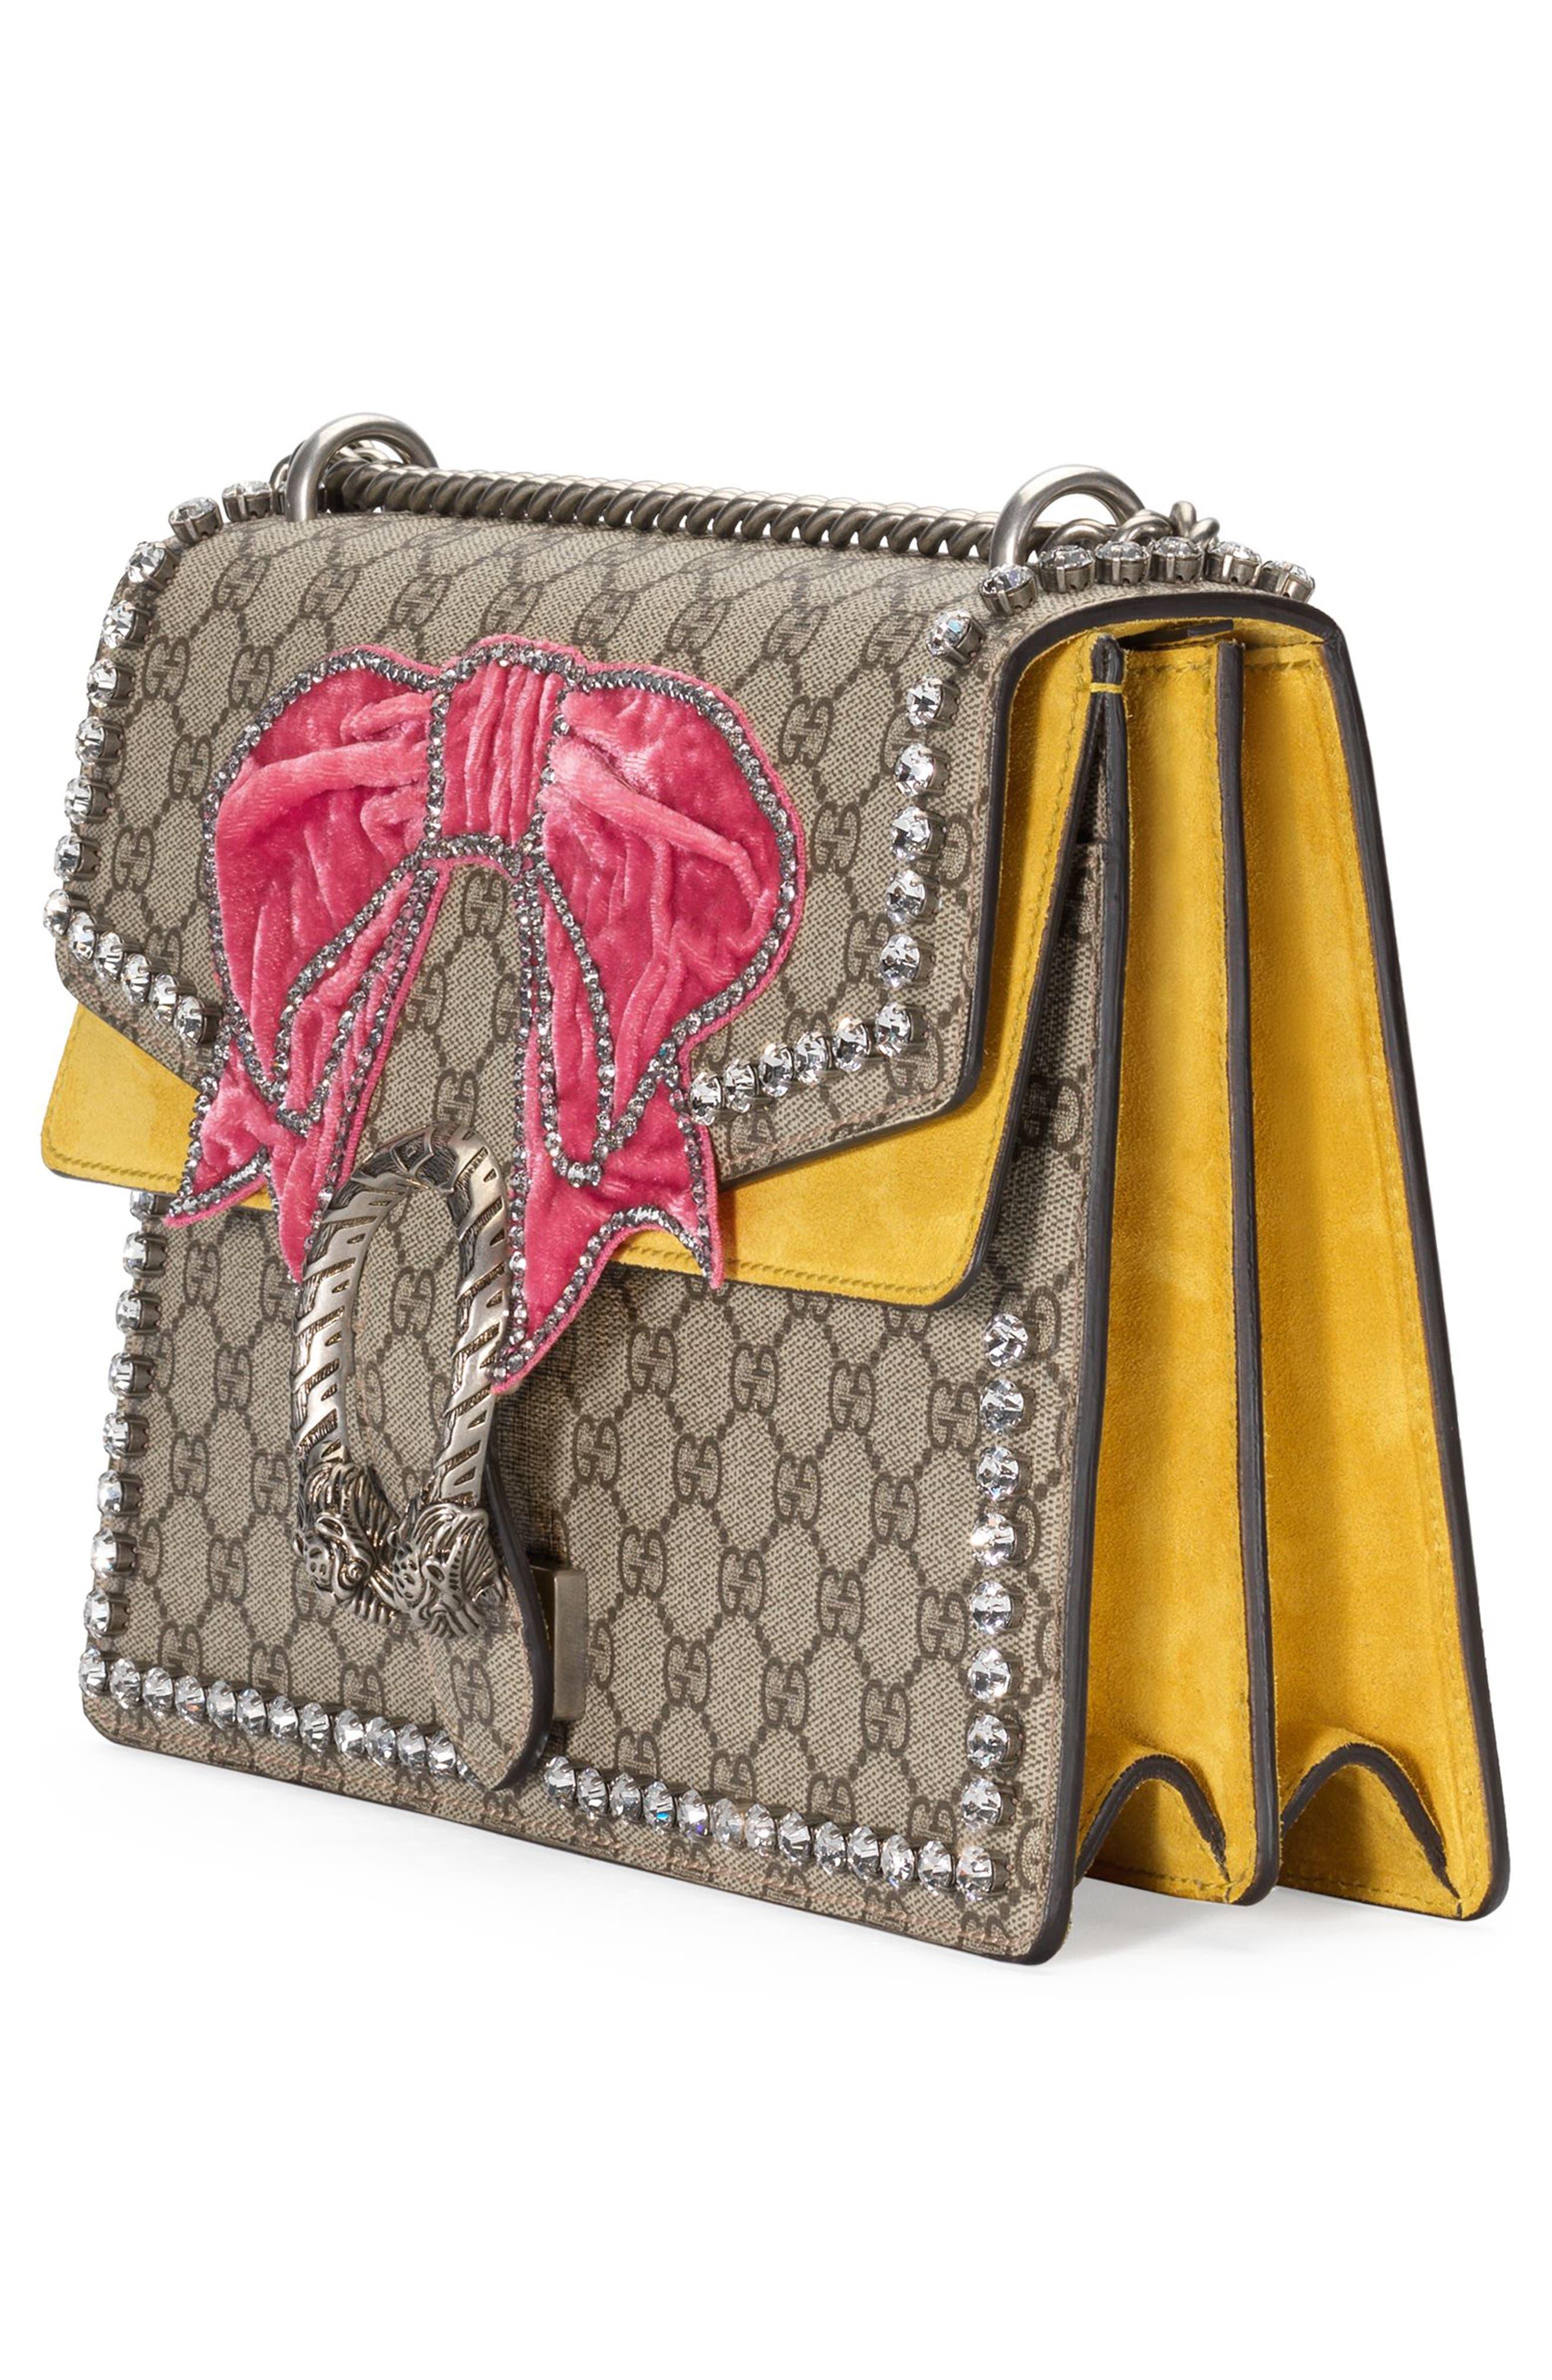 Medium Dionysus GG Supreme Canvas Shoulder Bag,                             Alternate thumbnail 4, color,                             Beige Ebony Crystal